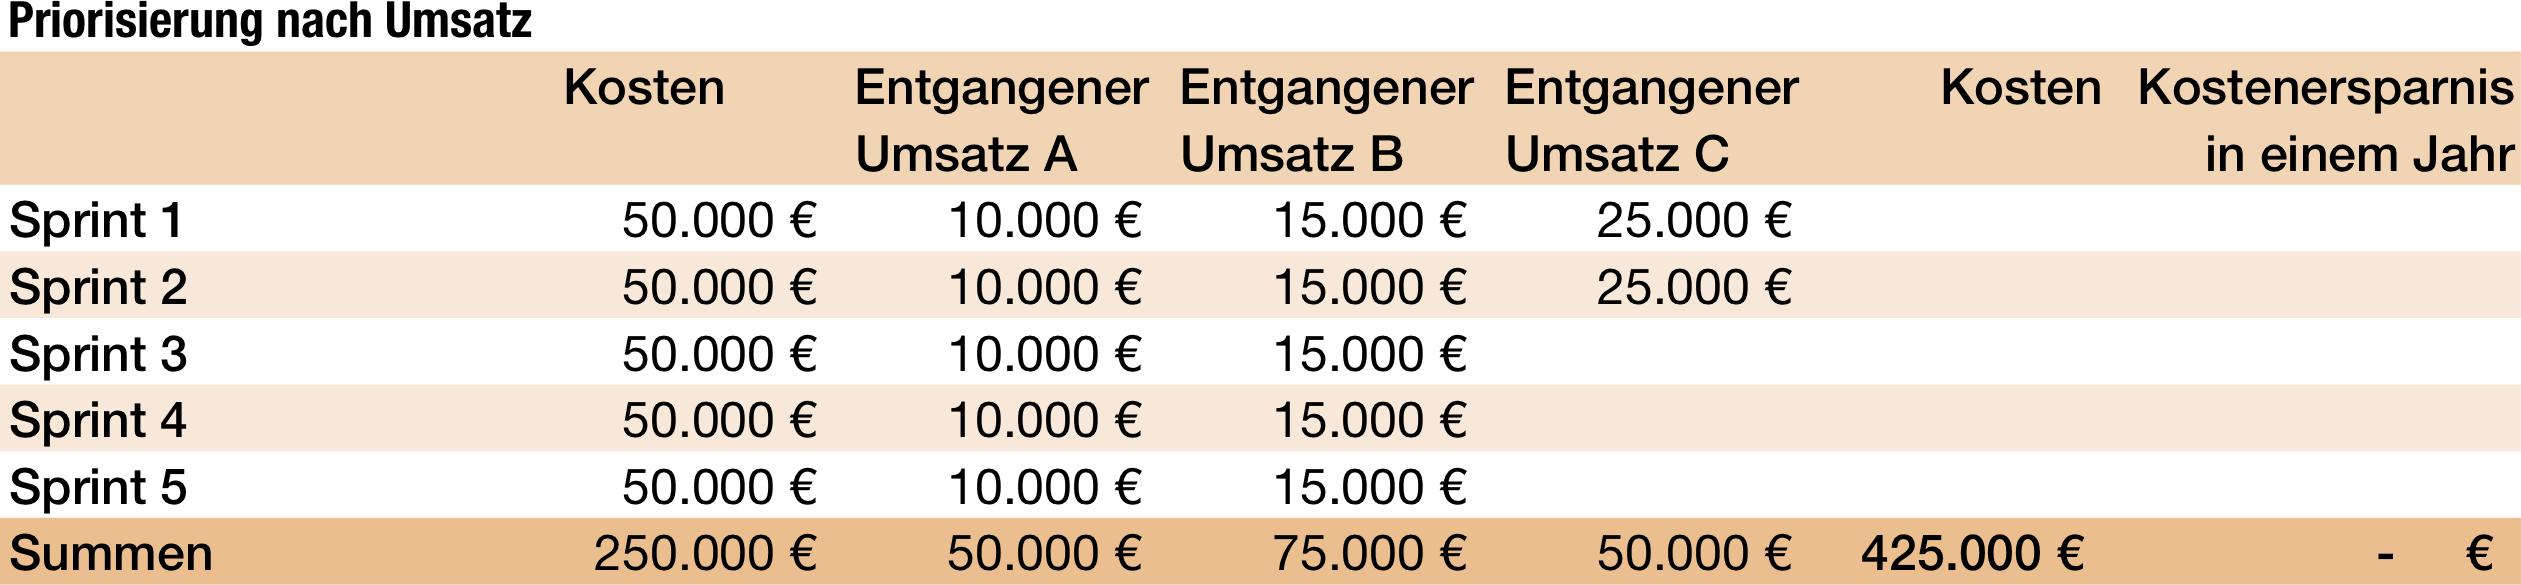 Kosten und Ersparnis bei Priorisierung nach Umsatz.